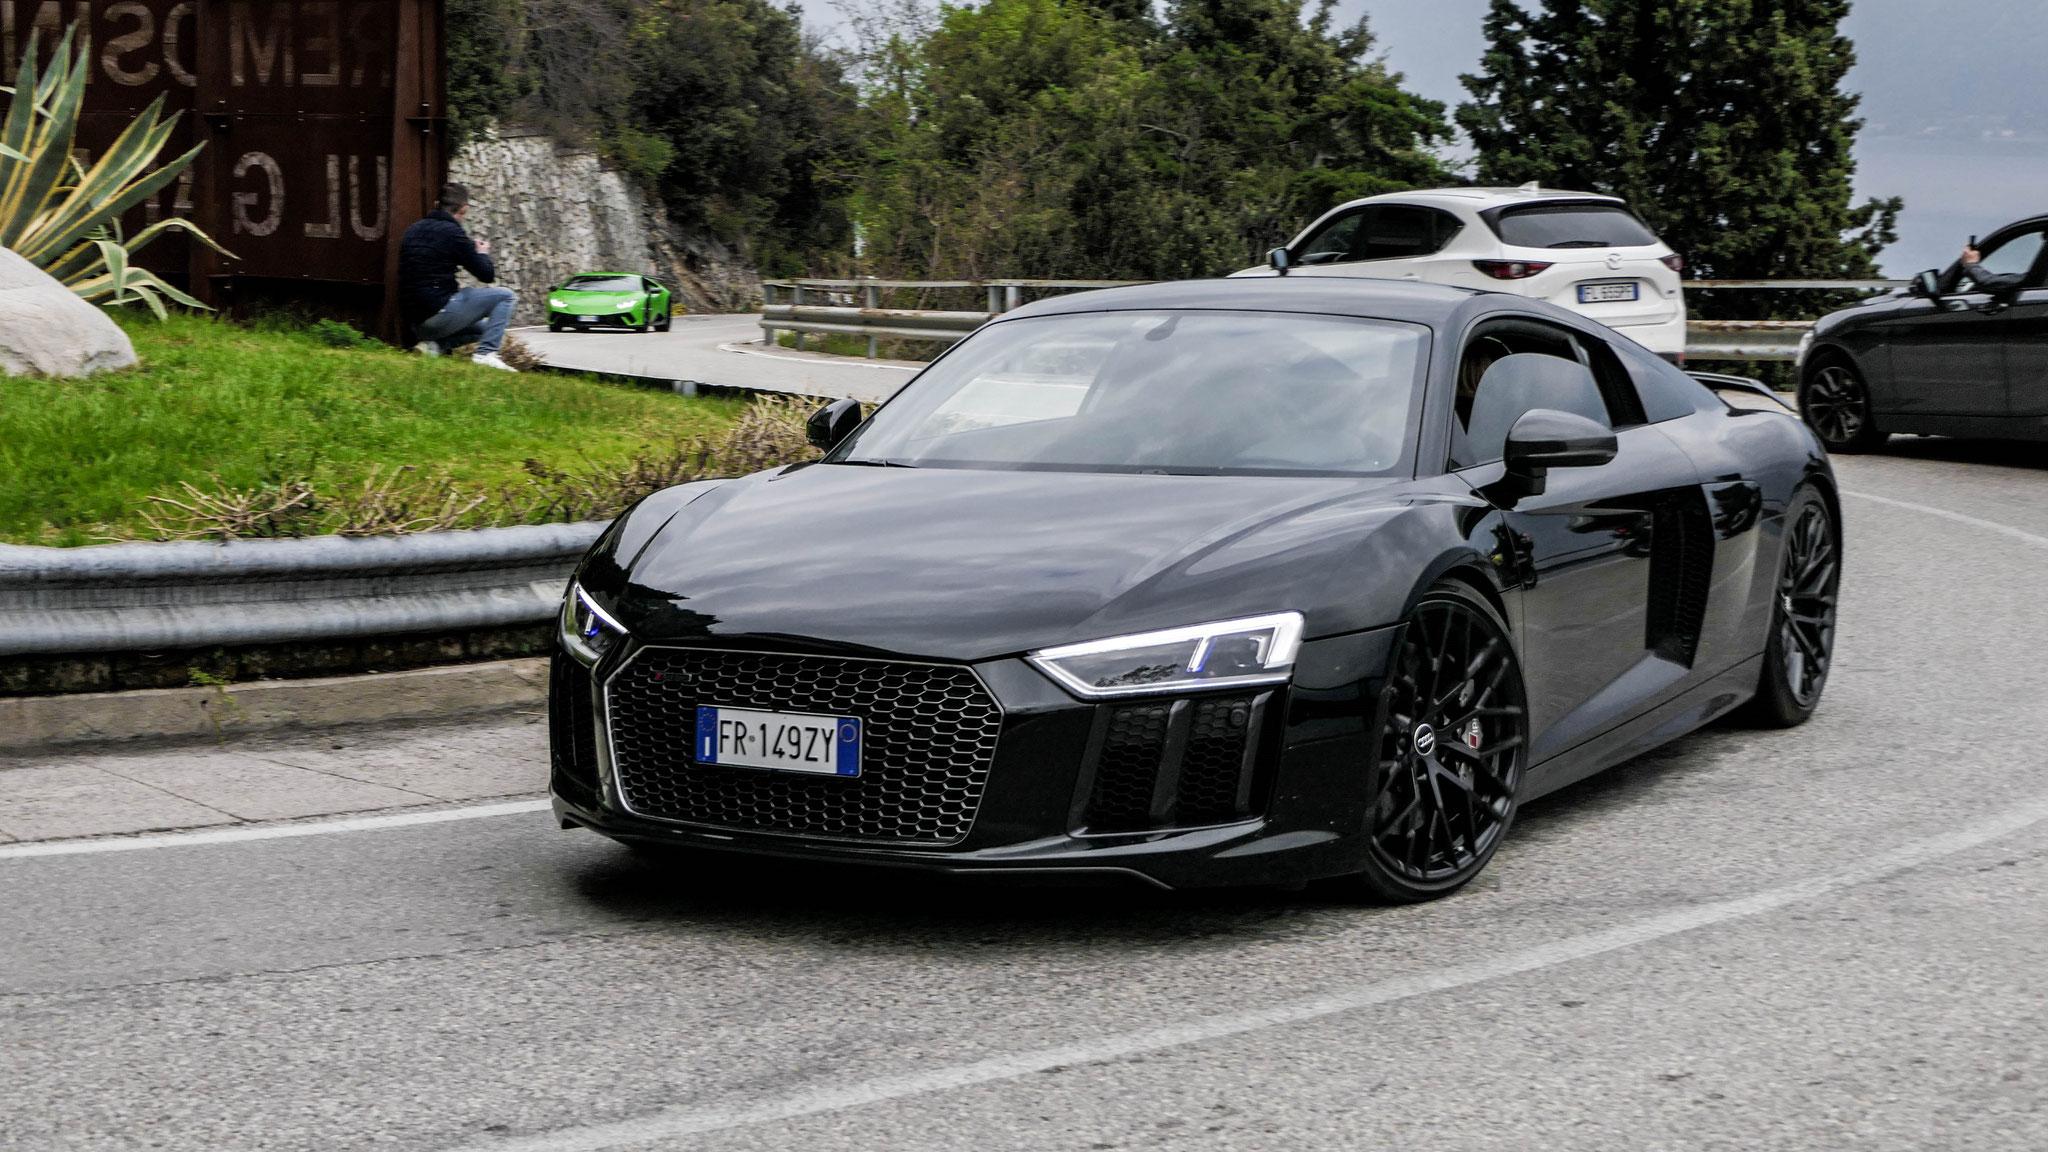 Audi R8 V10 - FR-149-ZY (ITA)